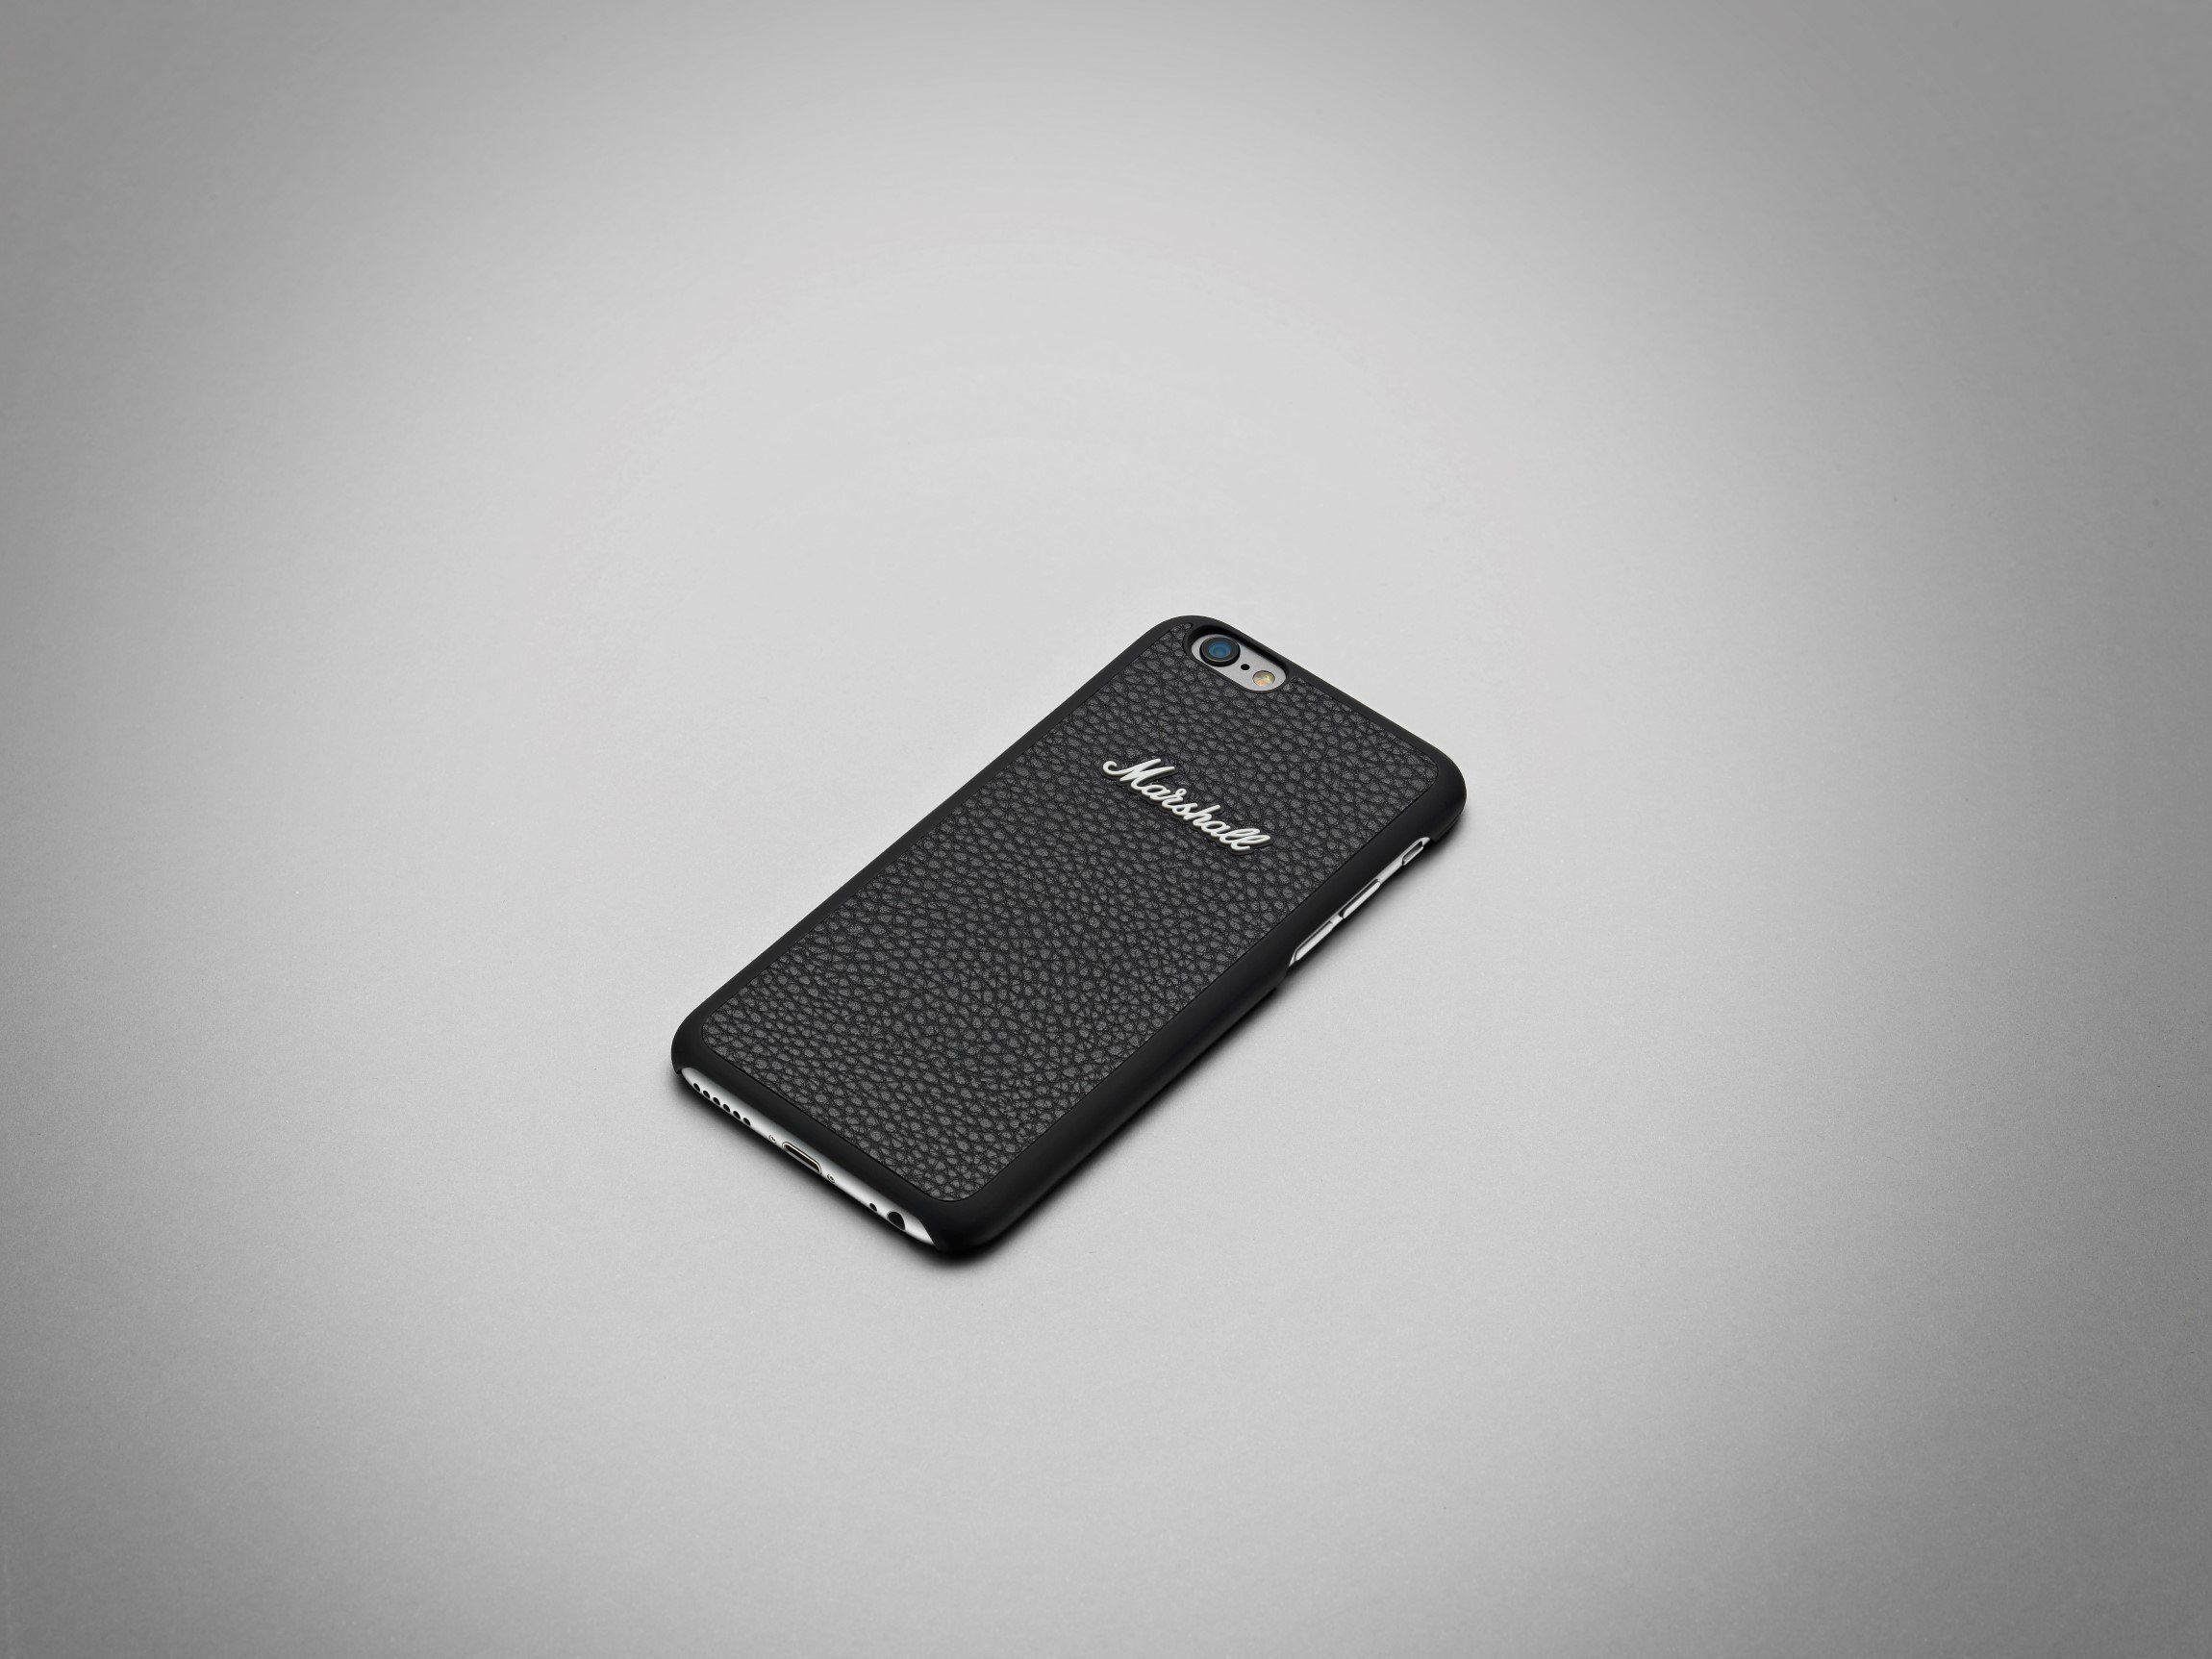 Marshall Smartphonehülle für iPhone 6